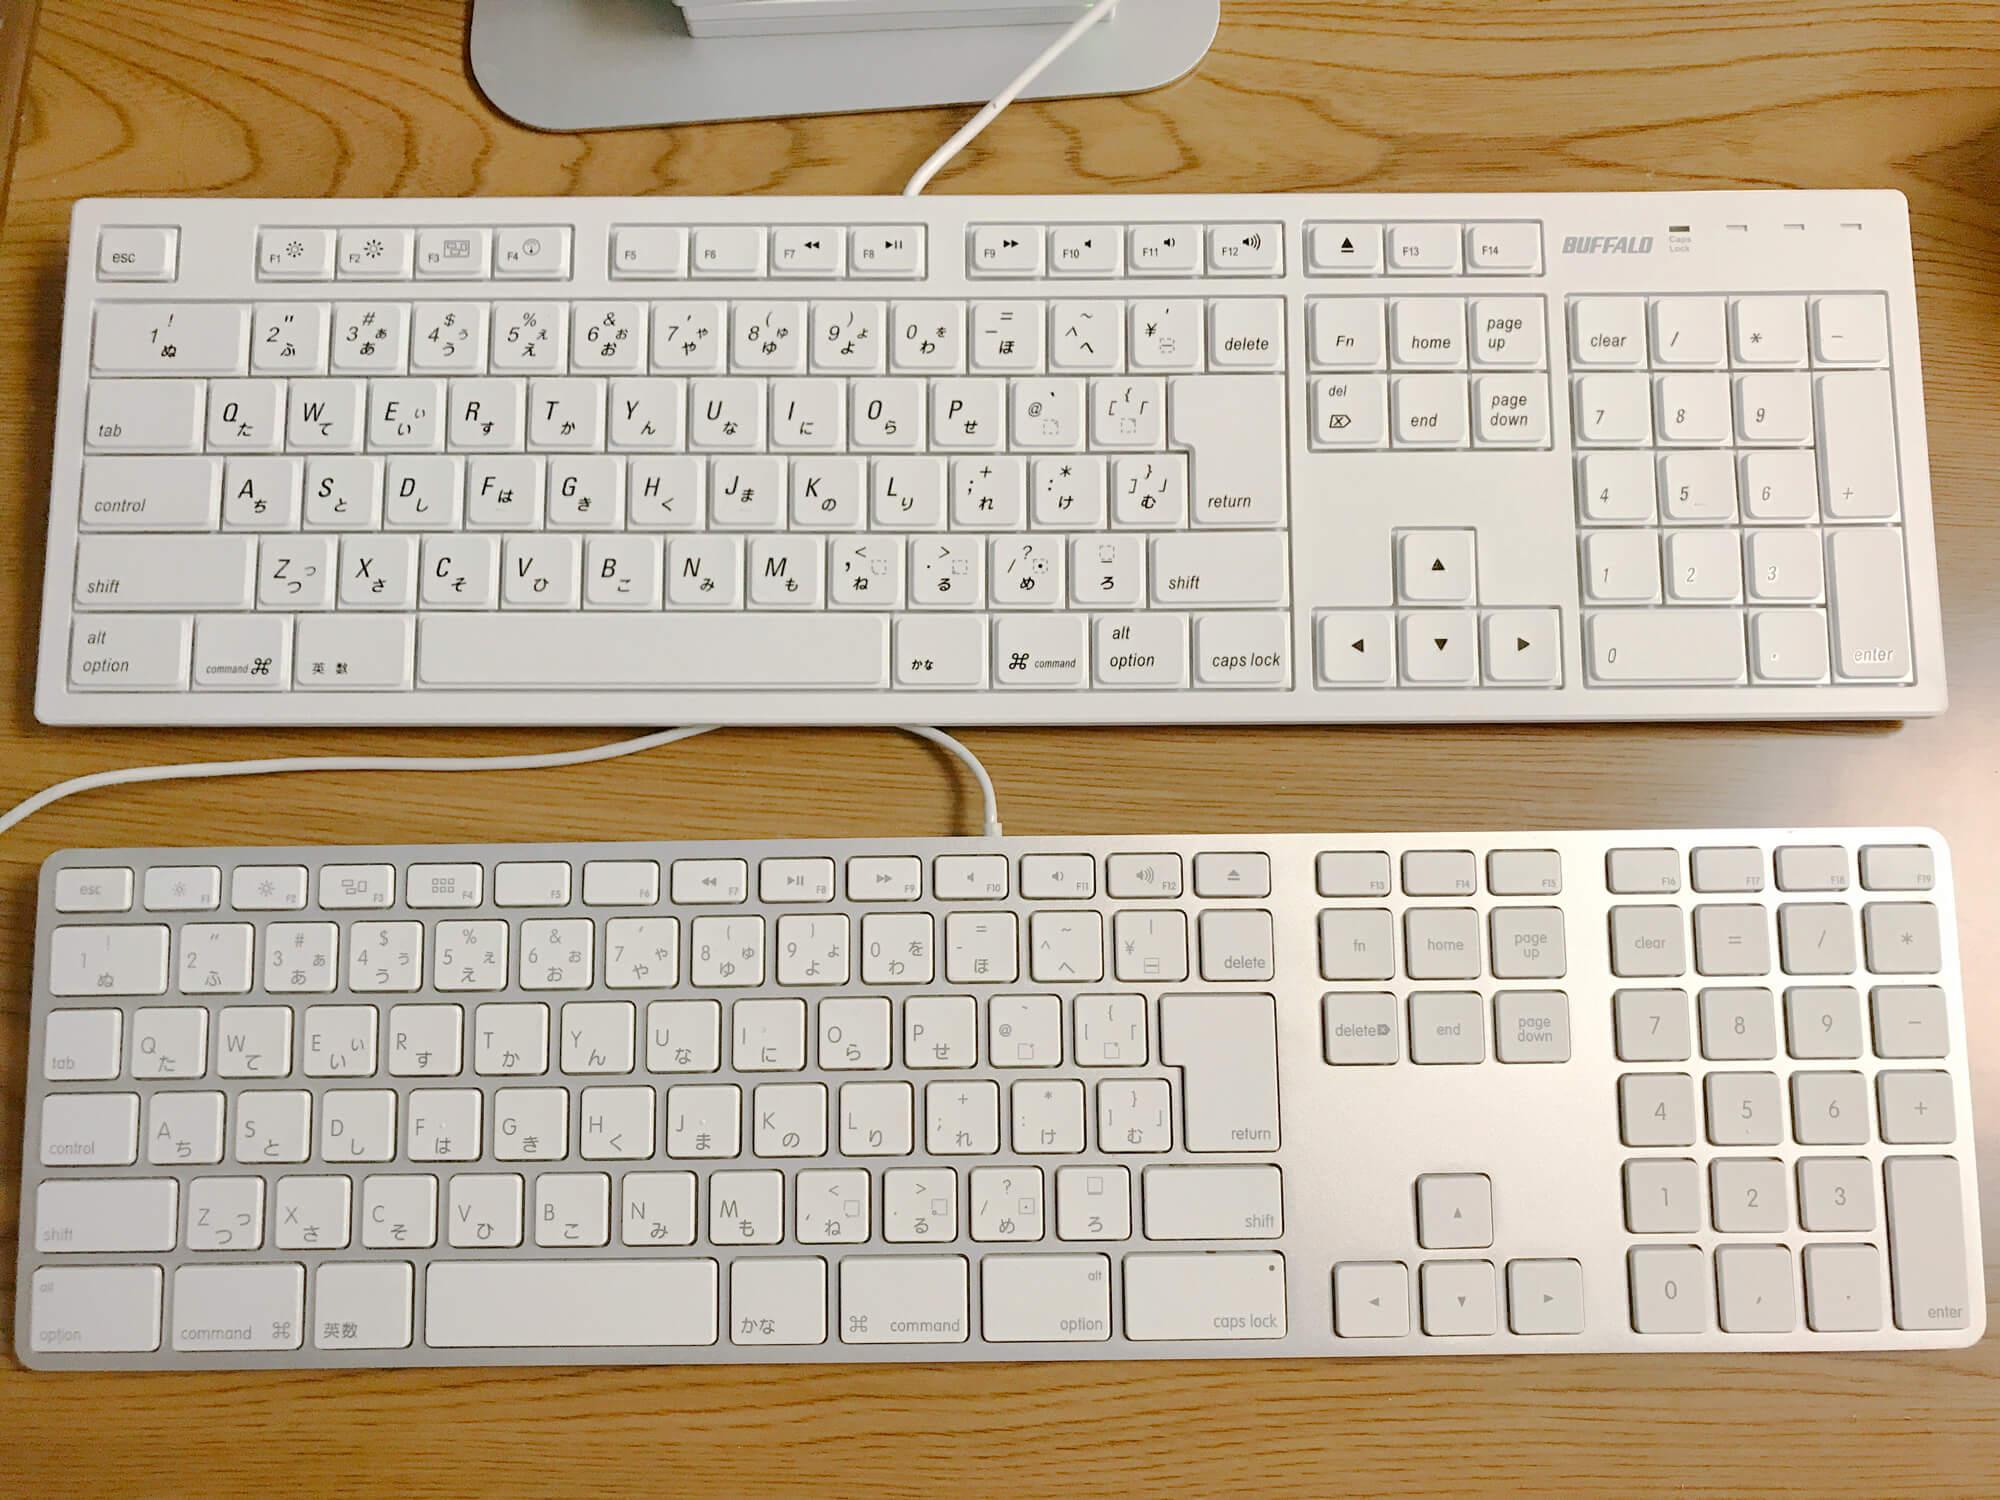 バッファロー BSKBM01WHとmagic keyboardの比較